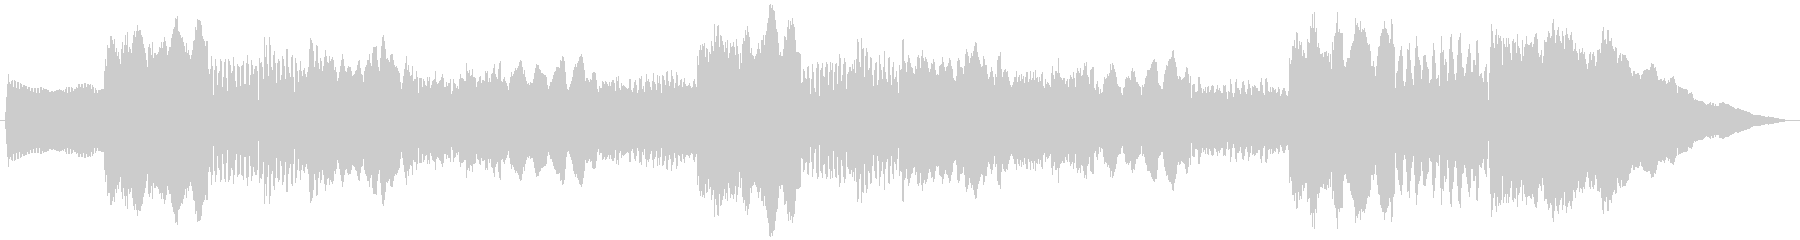 5秒CM用、サウンドロゴverAの未再生の波形